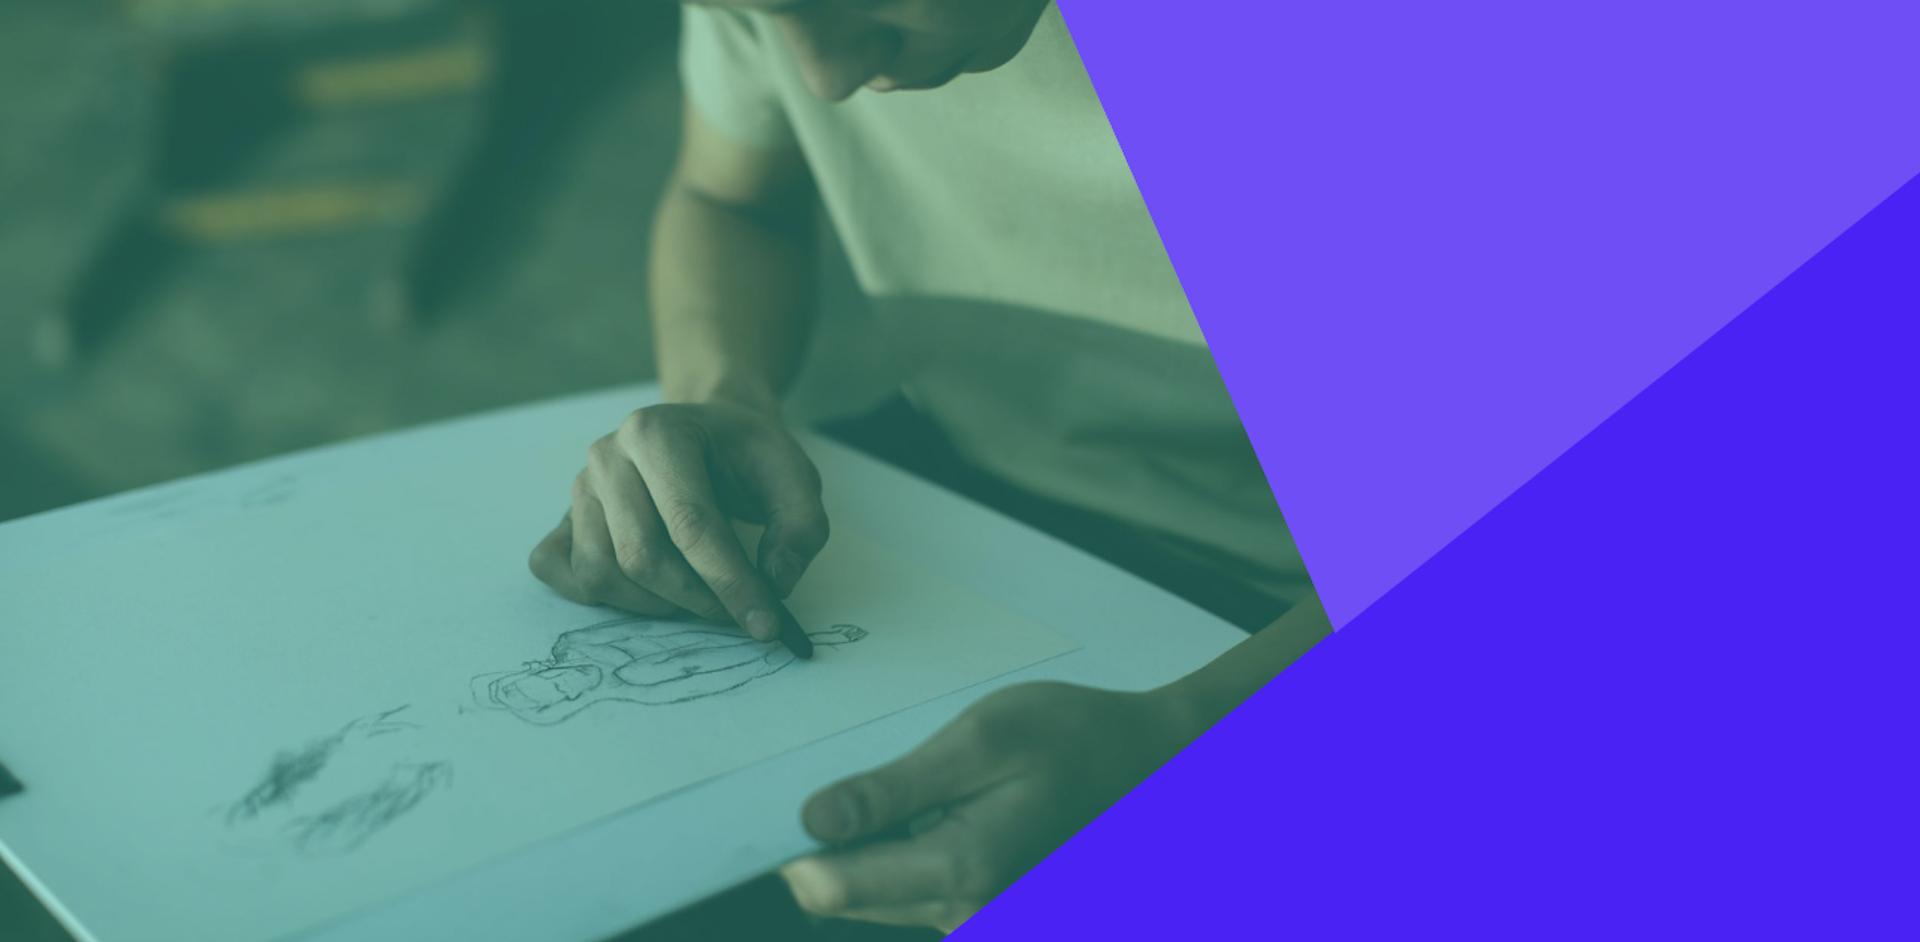 ¡Descubre los aspectos básicos de las proporciones de dibujo anatómico!